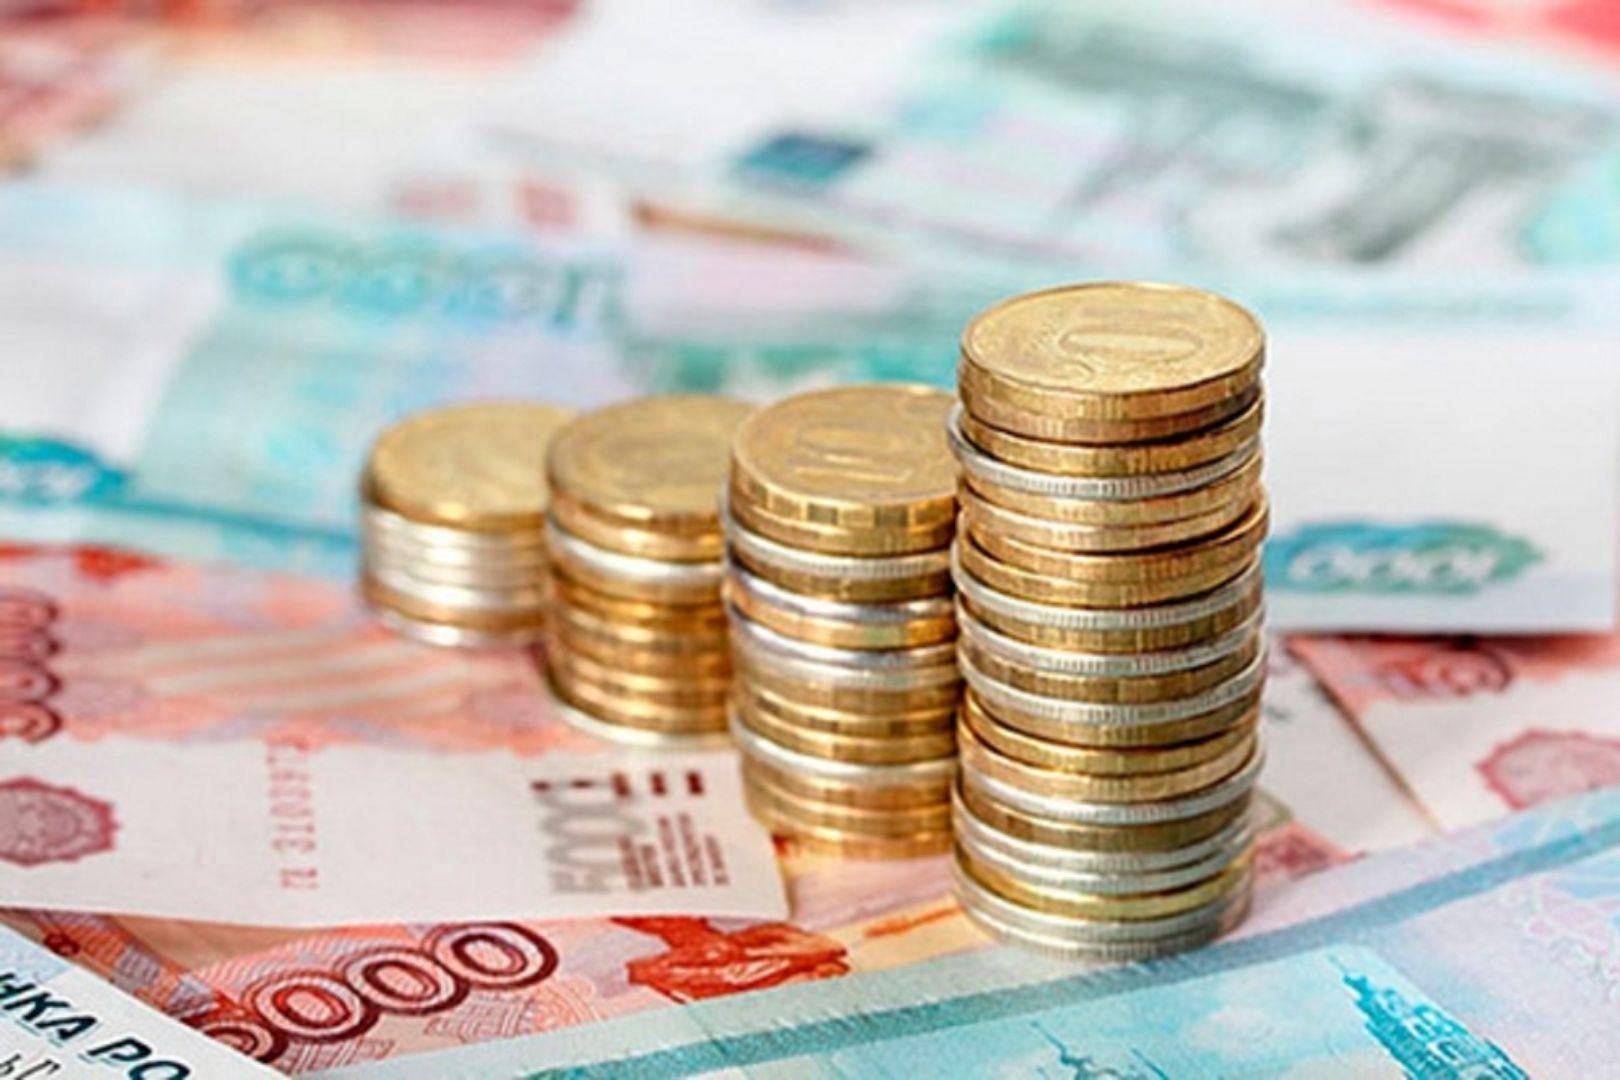 МФЦ Ставрополья пополнили бюджет края более чем на 200 миллионов рублей